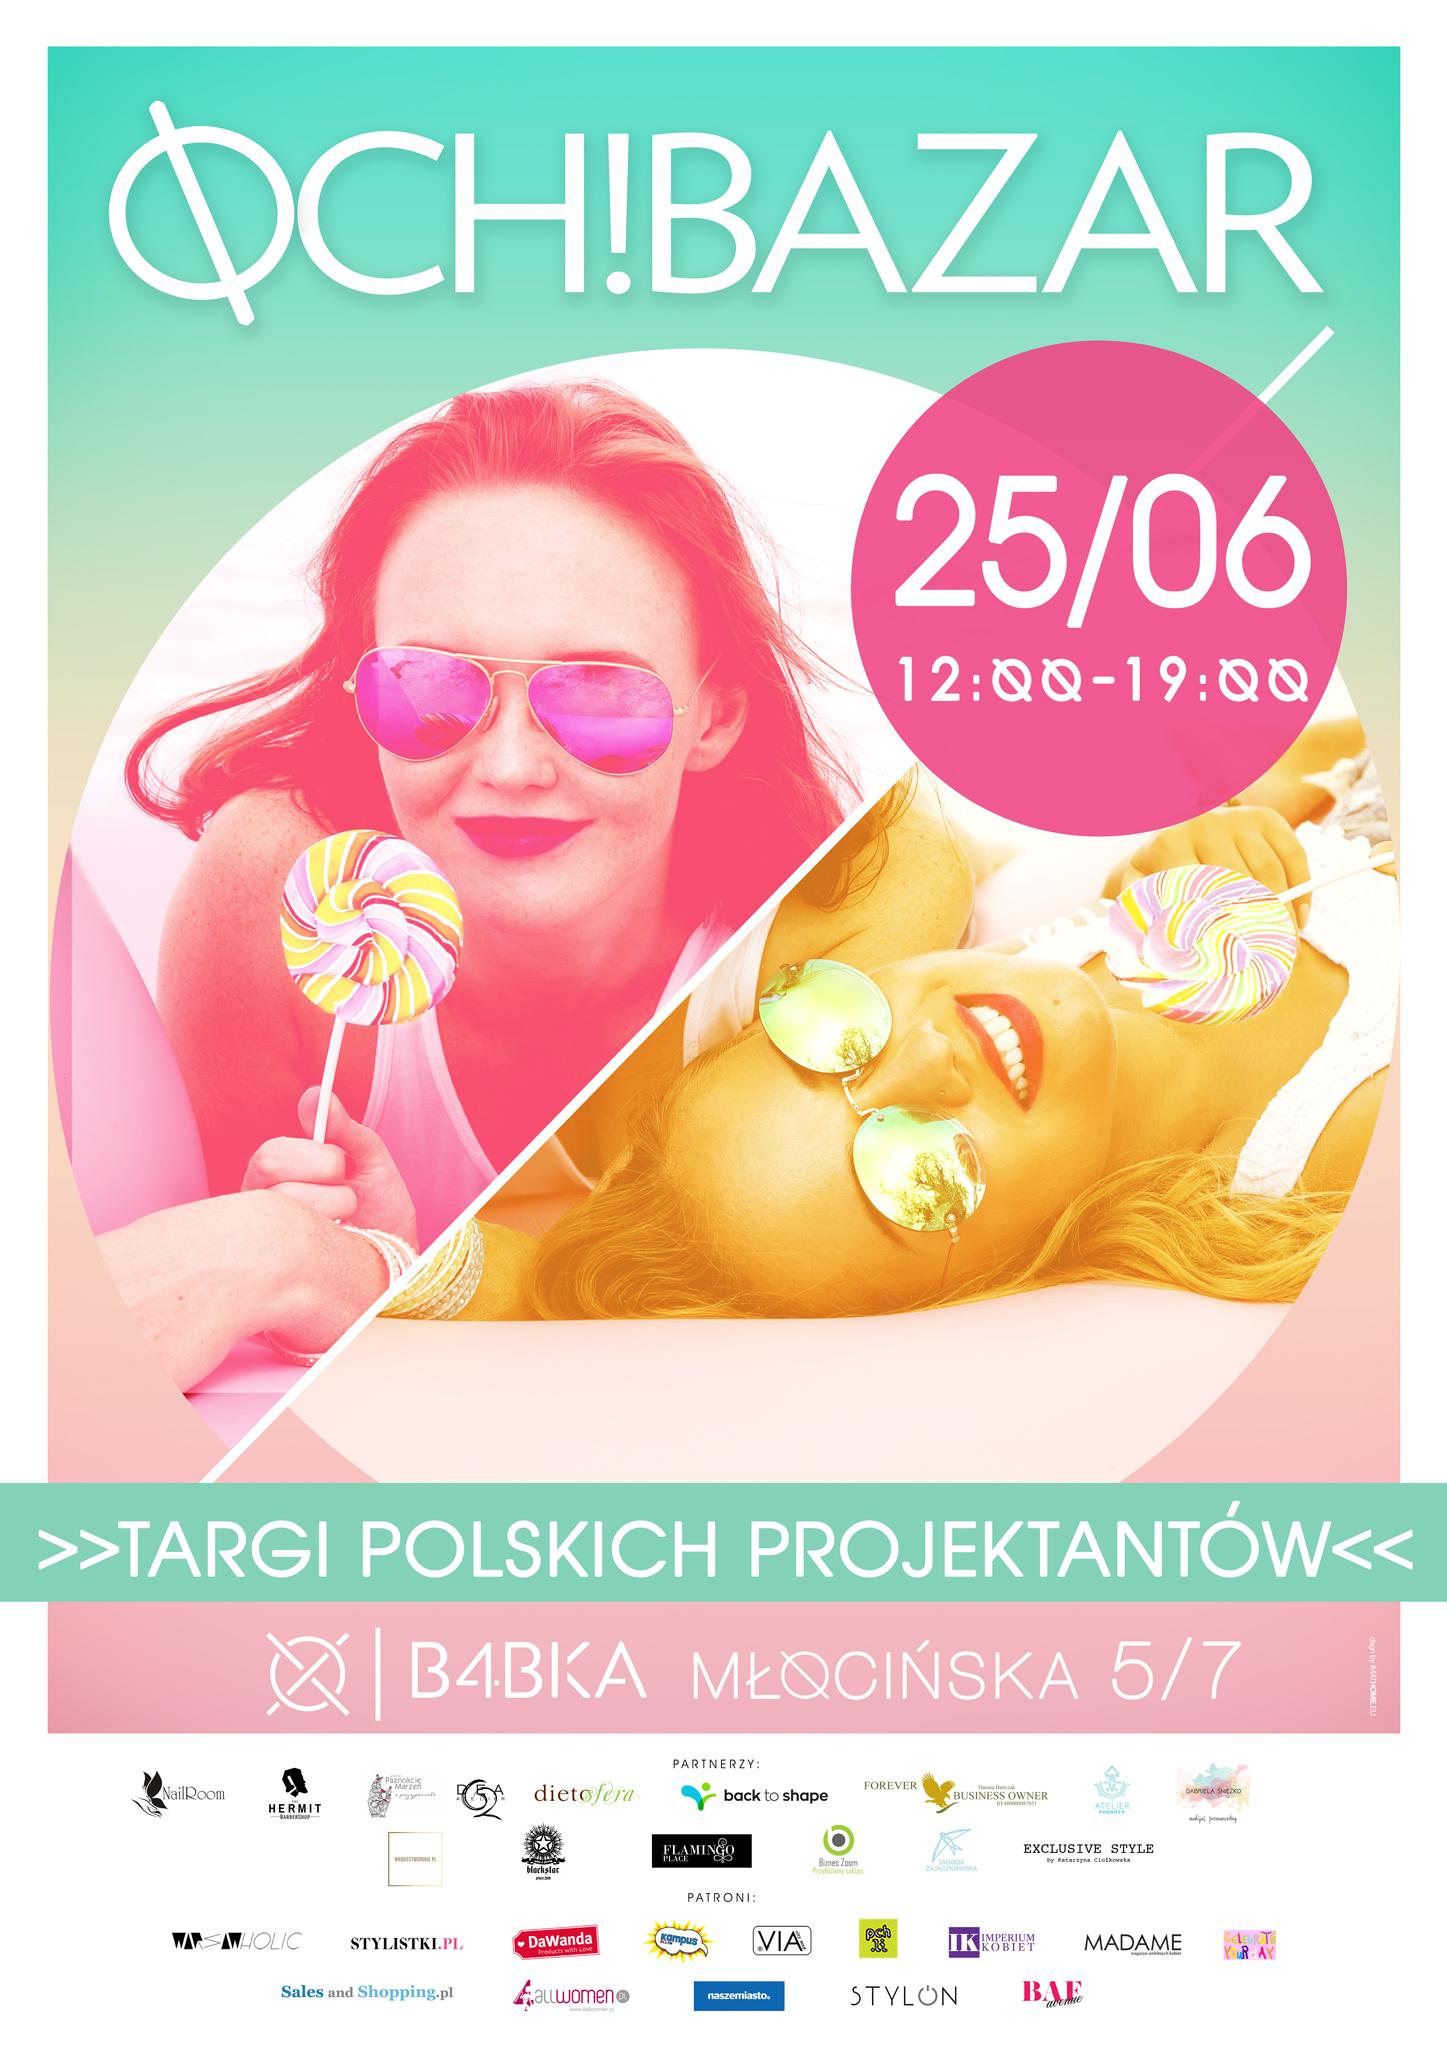 Targi mody Och Bazar! Warszawa 25 czerwca 2017